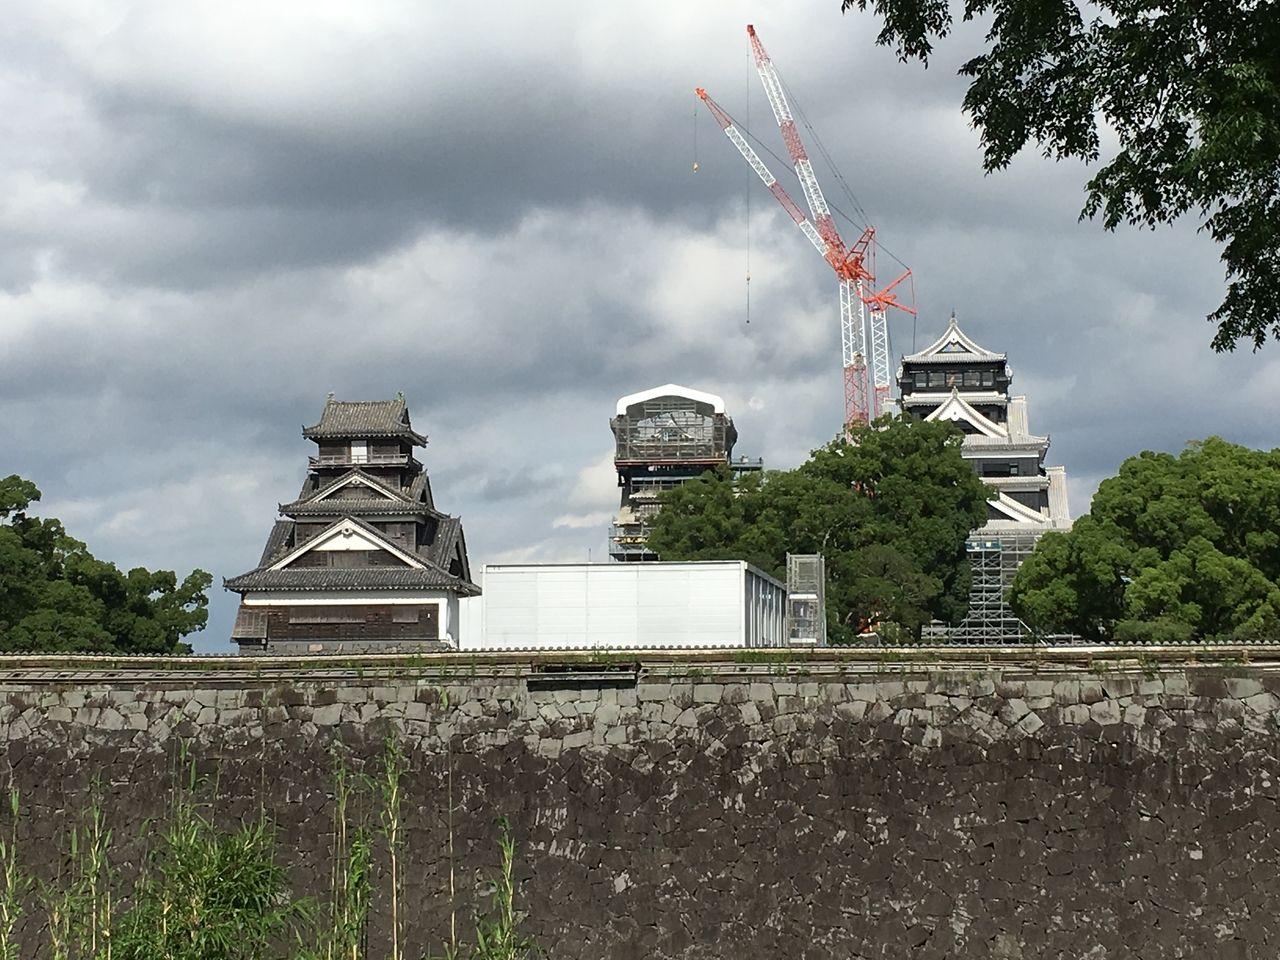 大小天守閣と並び立つ宇土櫓